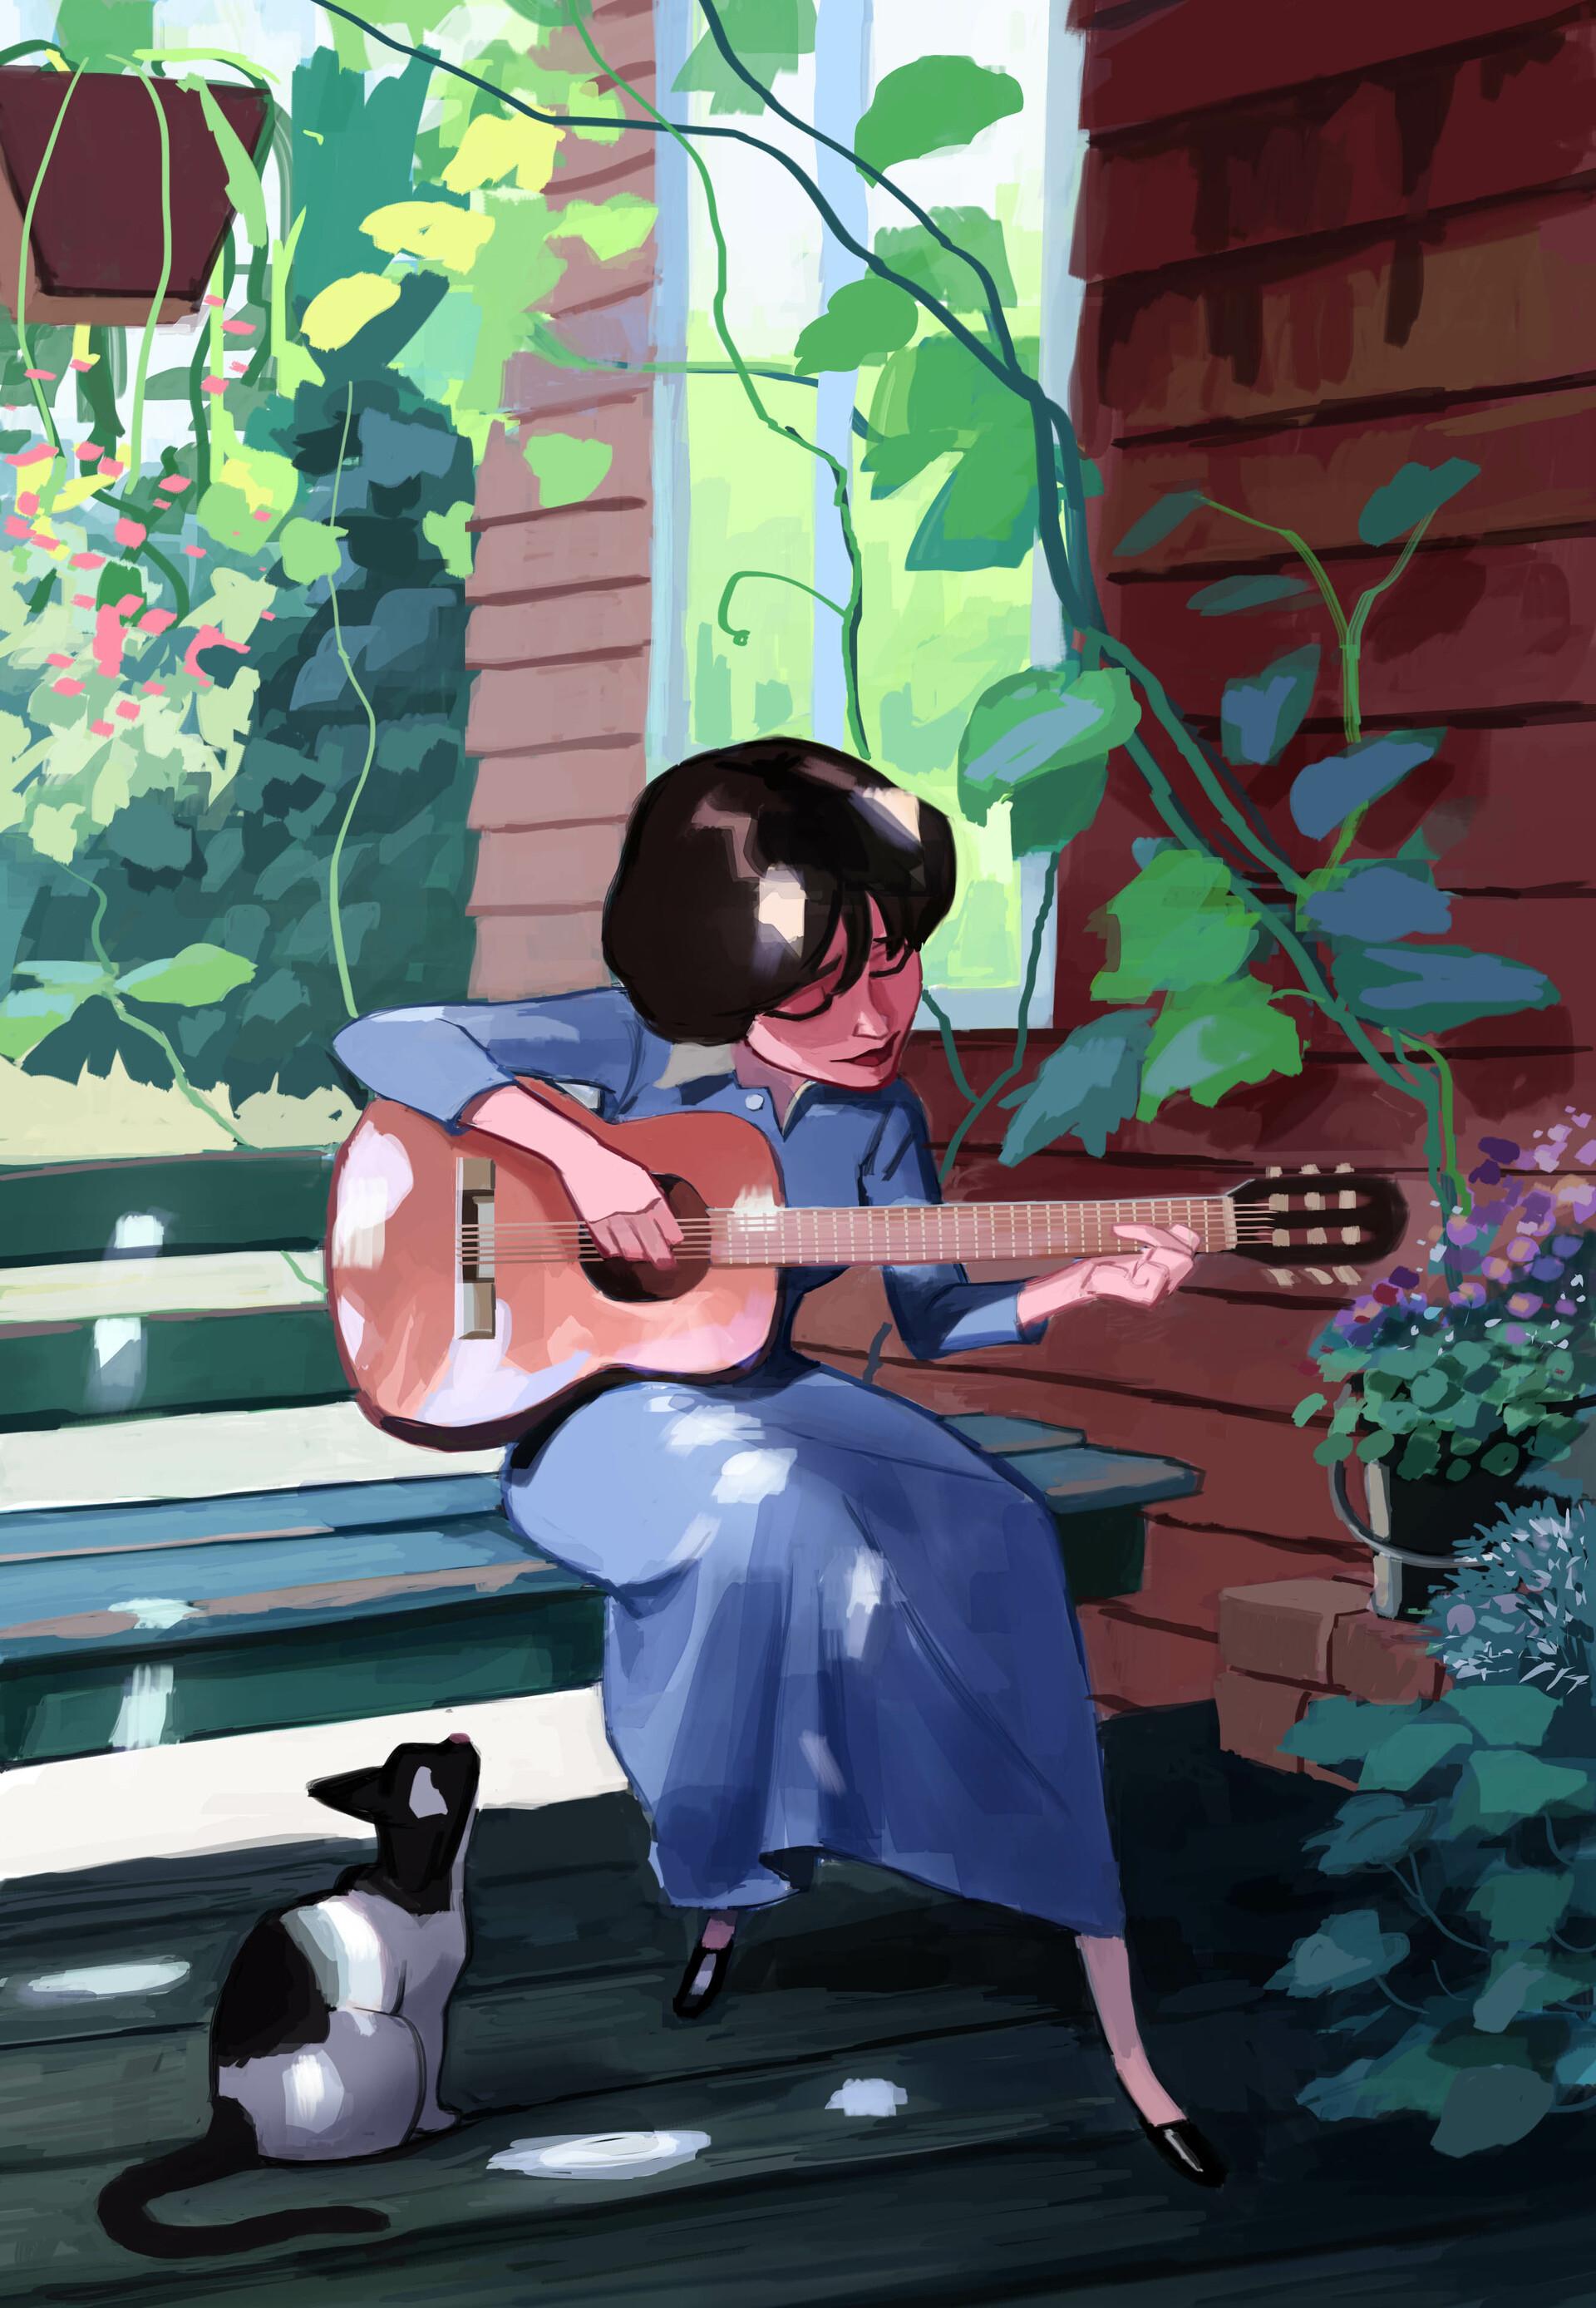 100116 скачать обои Девушка, Гитара, Кошка, Арт, Музыка - заставки и картинки бесплатно